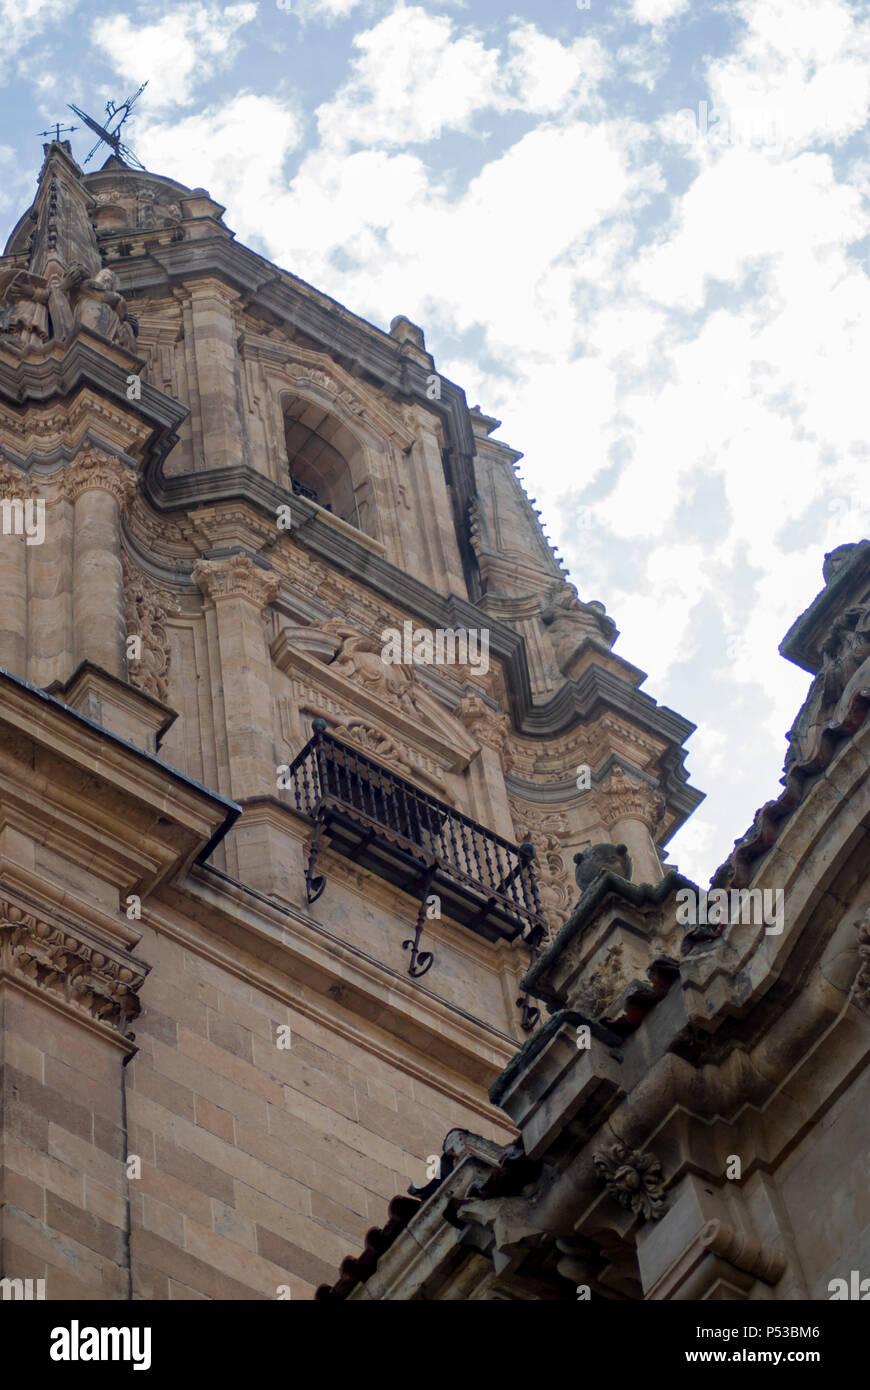 Imagenes tomadas de la Ciudad de Salamanca. Immagini Stock